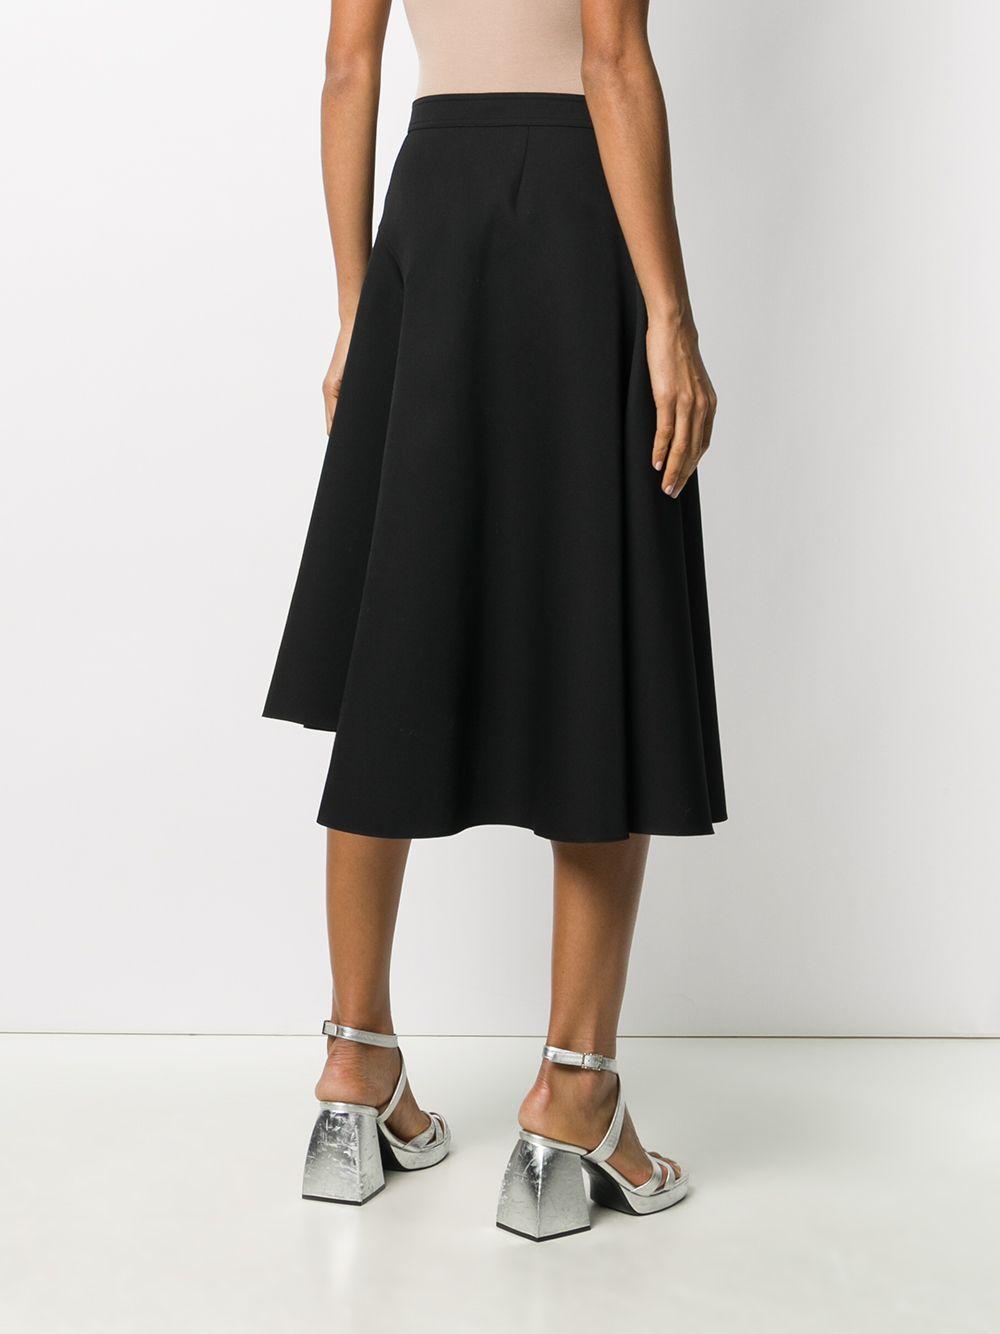 Flared asymmetrical black skirt  ROCHAS |  | ROPR3503A-RR001001